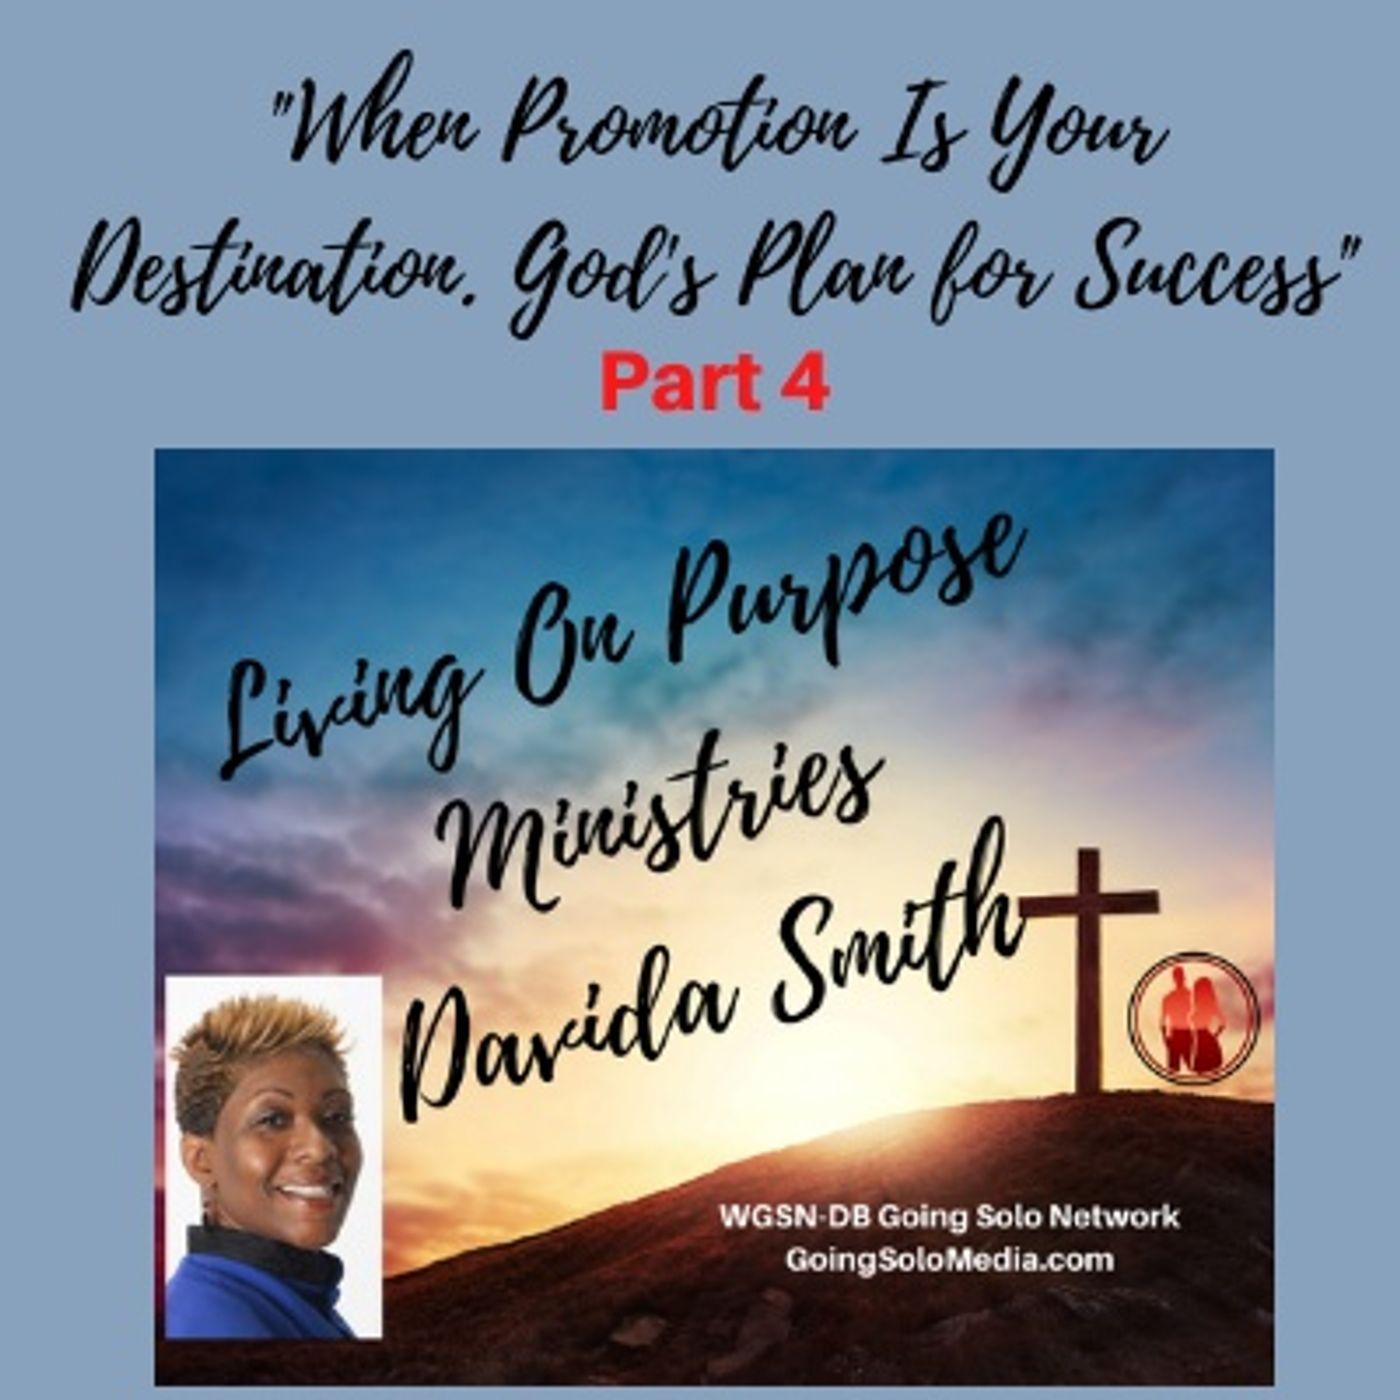 Part 4 - When Promotion Is Your Destination. God's Plan for Success